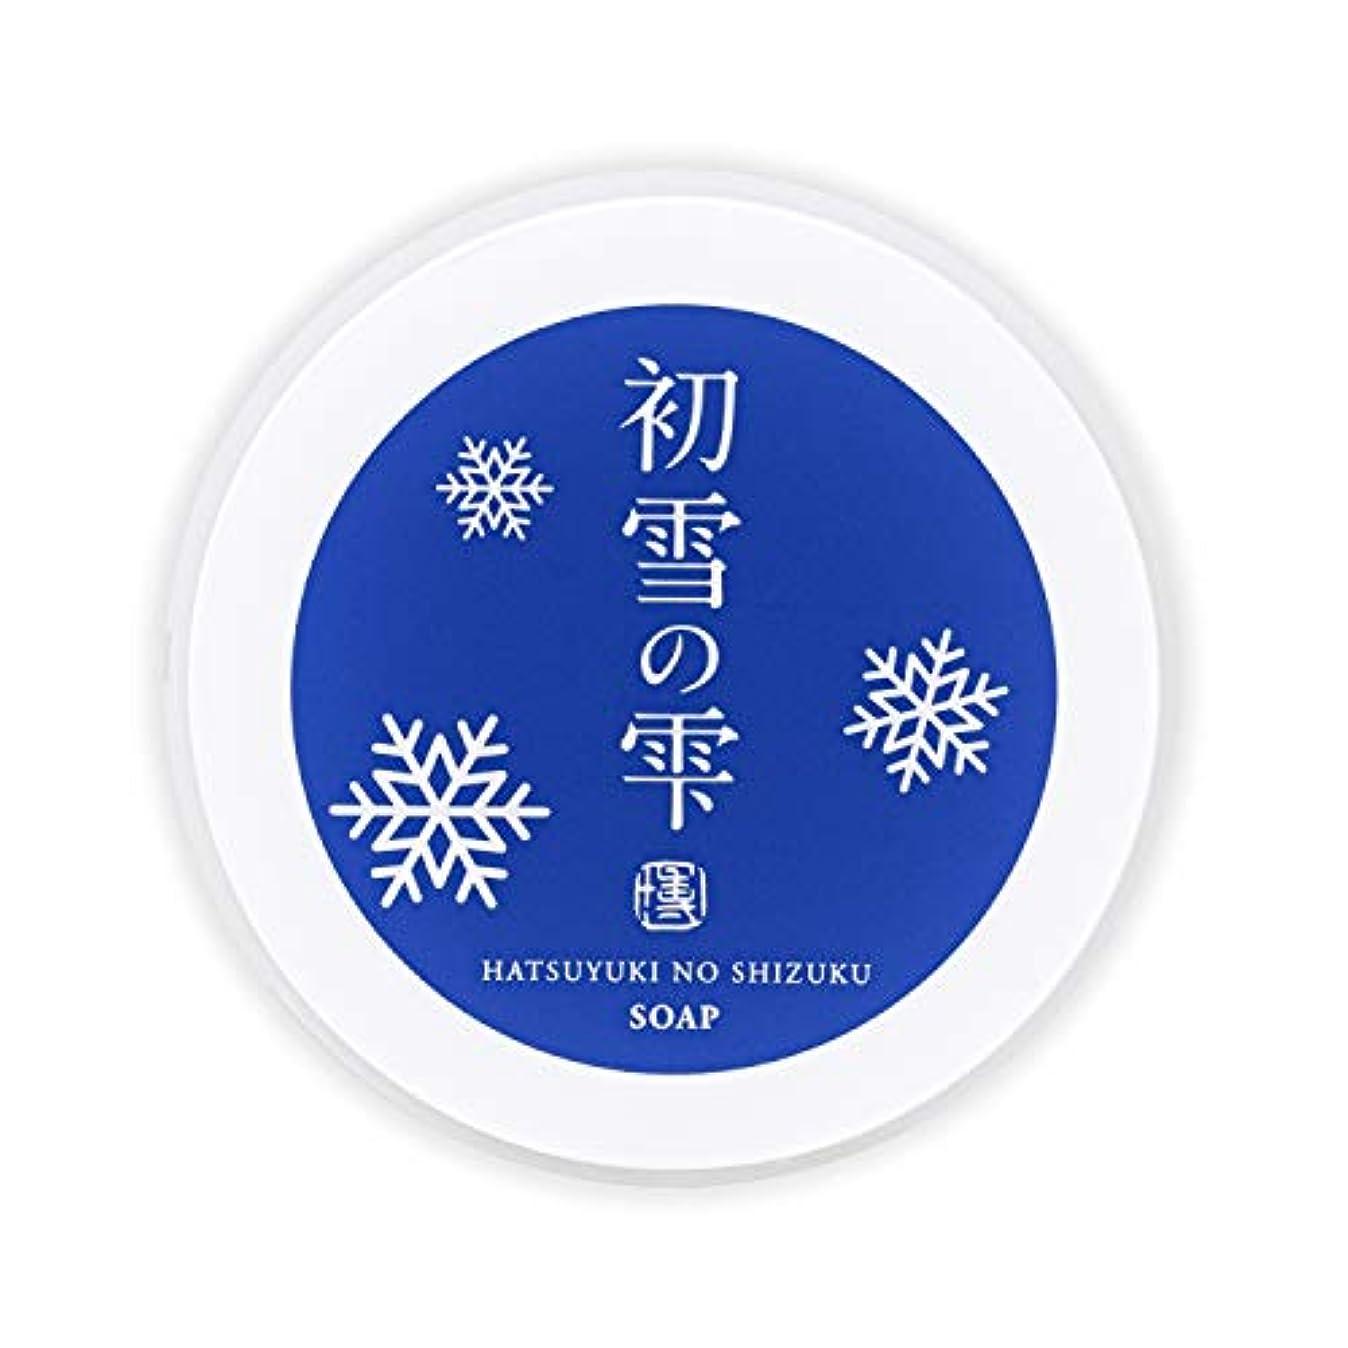 アラスカ火薬チューリップ初雪の雫 泡 洗顔 練り せっけん ジャータイプ 34g 約2週間分 [プラセンタ ヒアルロン酸 セラミド ビタミンC ]